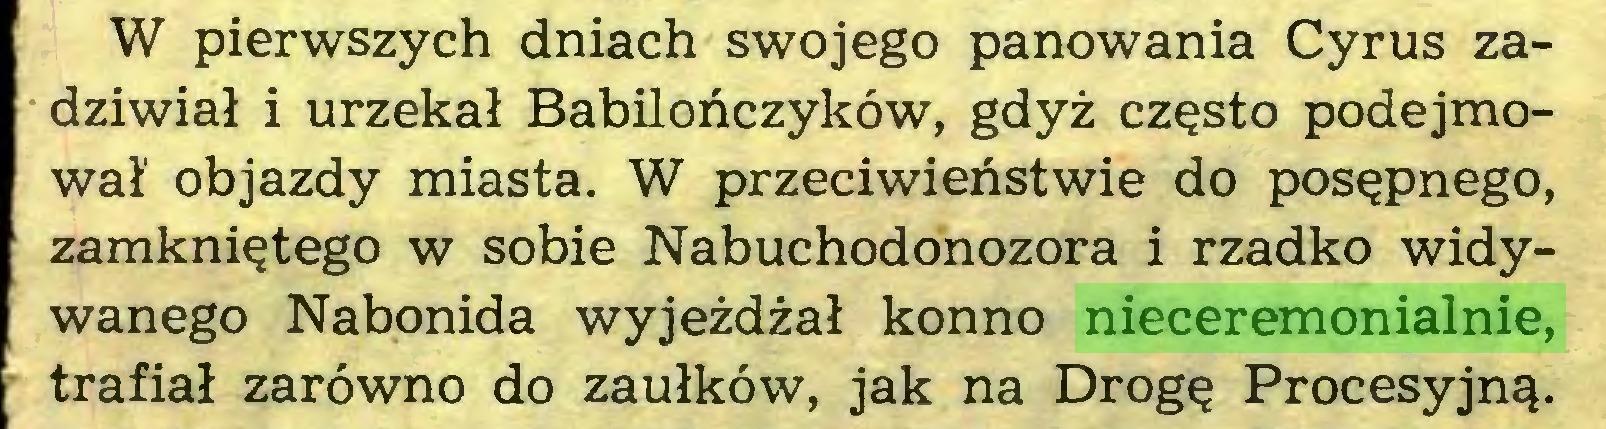 (...) W pierwszych dniach swojego panowania Cyrus zadziwiał i urzekał Babilończyków, gdyż często podejmował' objazdy miasta. W przeciwieństwie do posępnego, zamkniętego w sobie Nabuchodonozora i rzadko widywanego Nabonida wyjeżdżał konno nieceremonialnie, trafiał zarówno do zaułków, jak na Drogę Procesyjną...